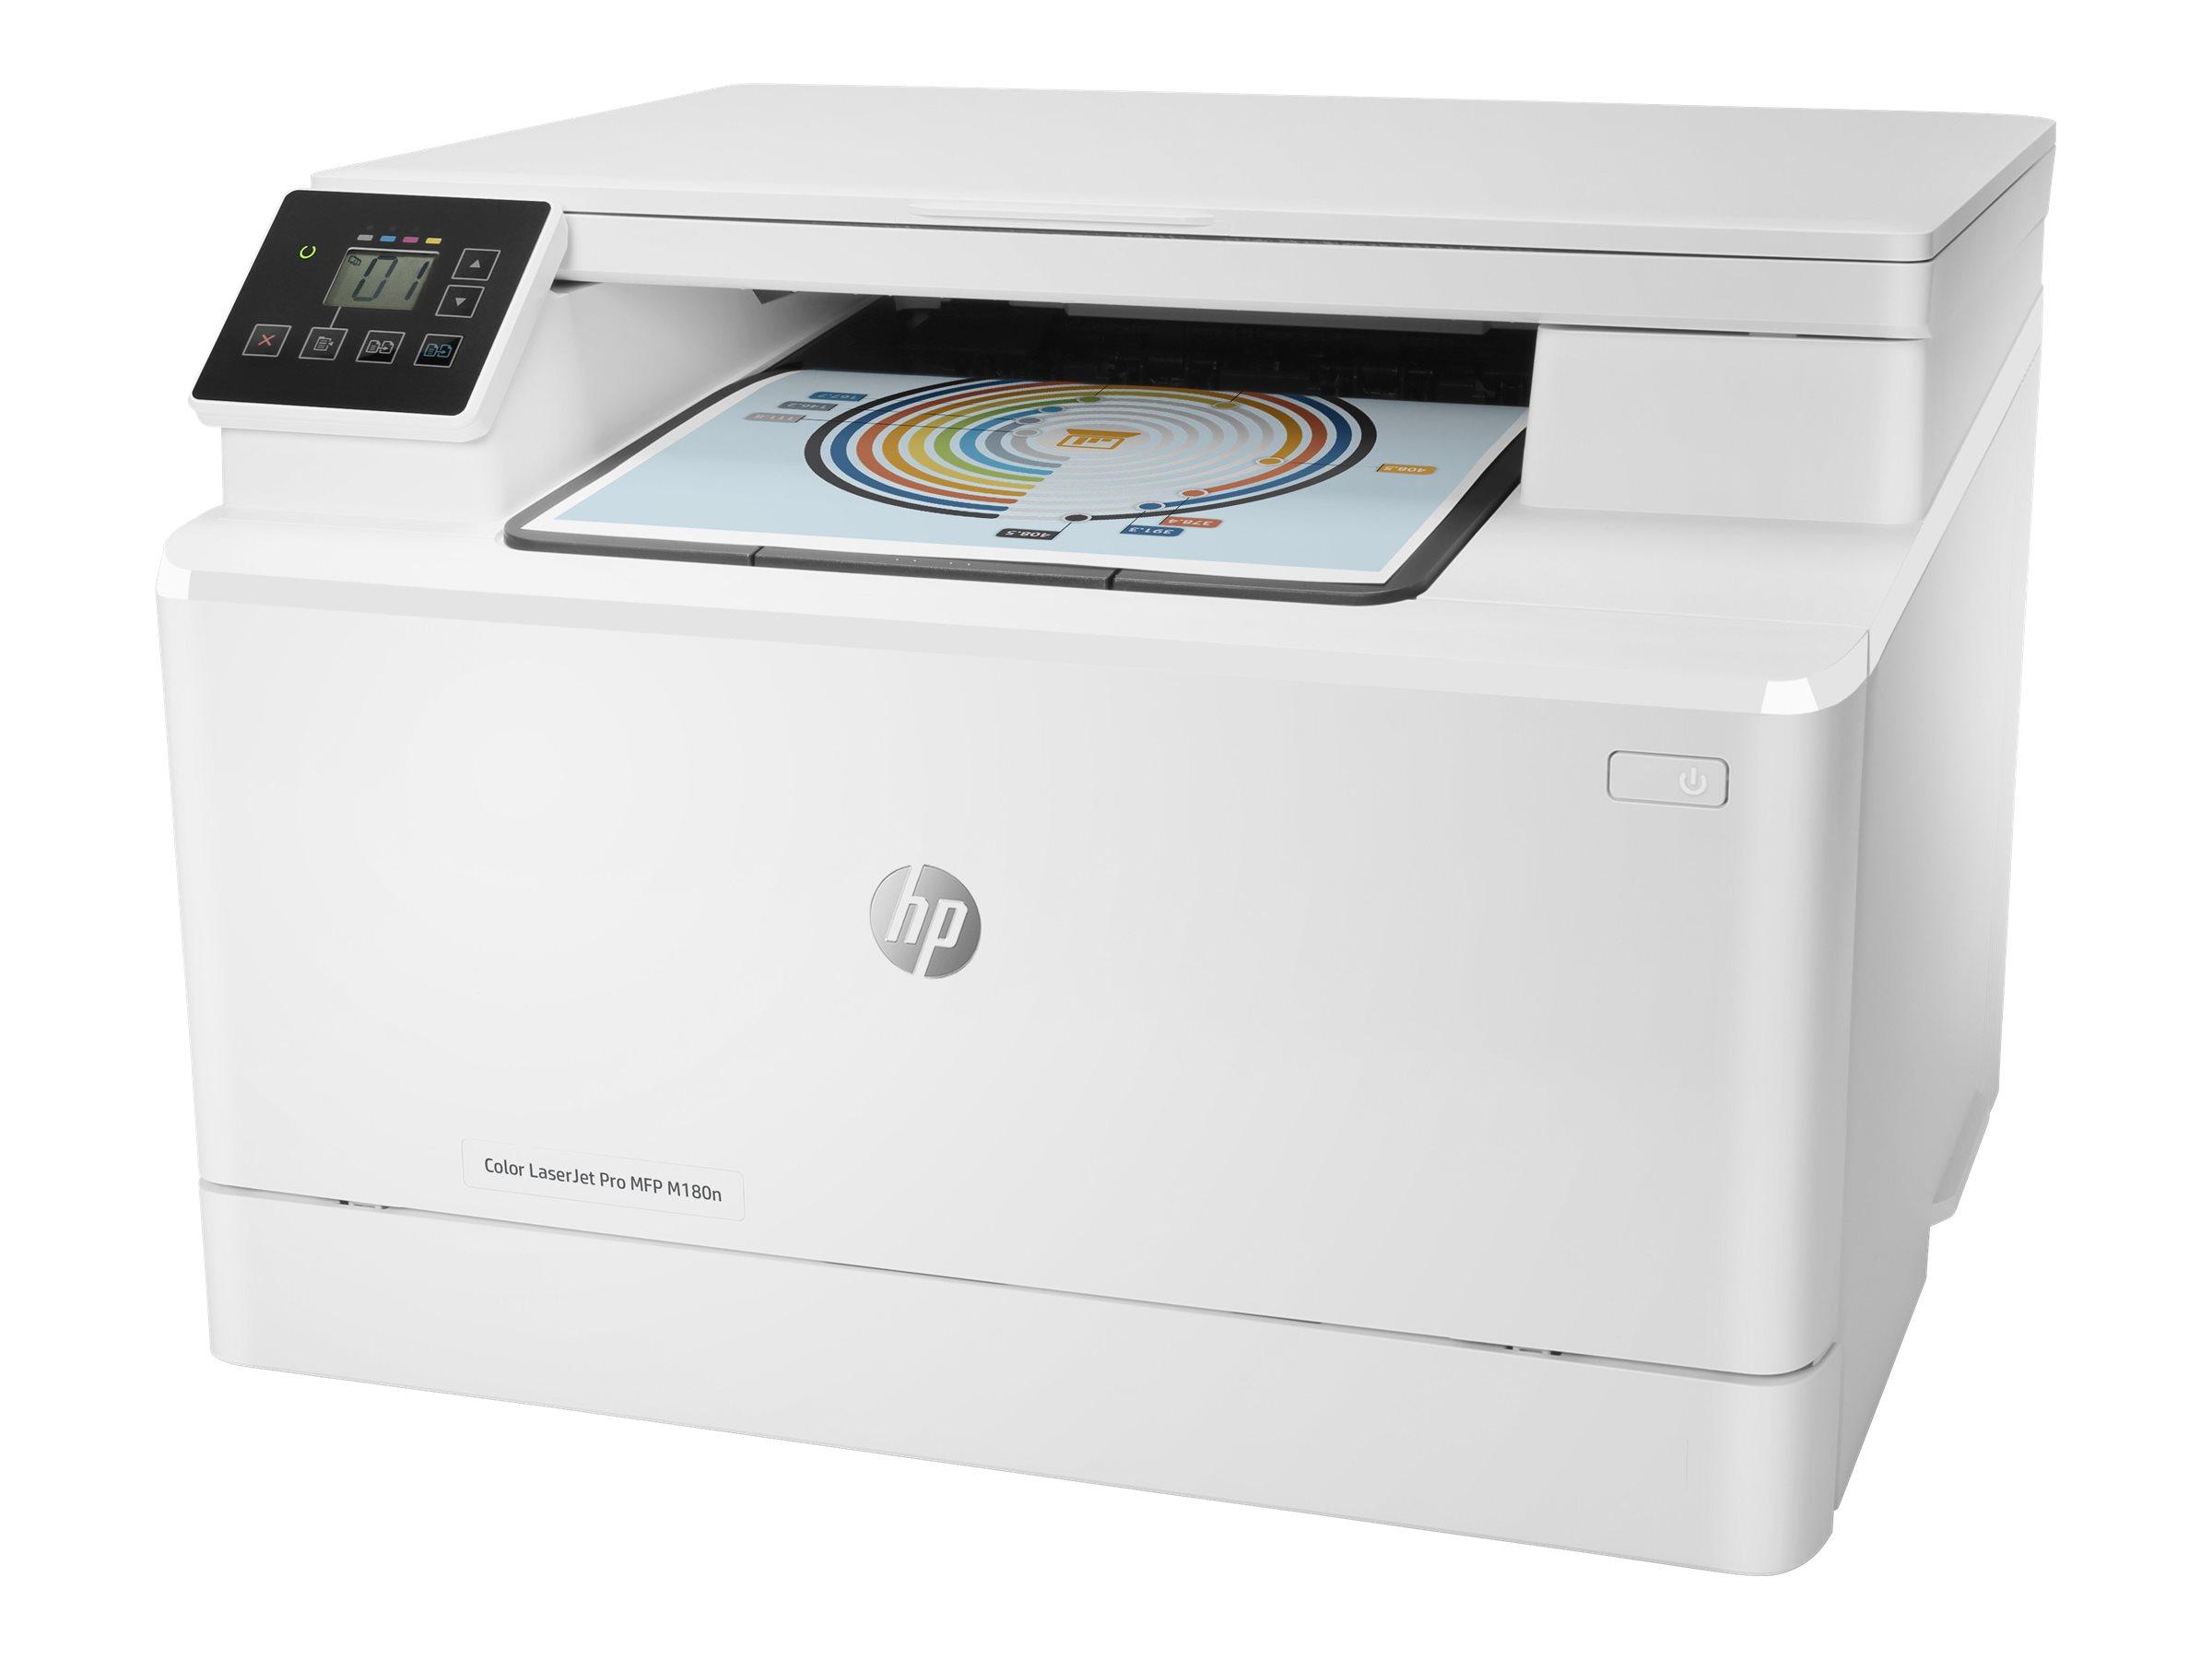 HP Color LaserJet Pro MFP M180n - imprimante multifonctions - couleur - laser